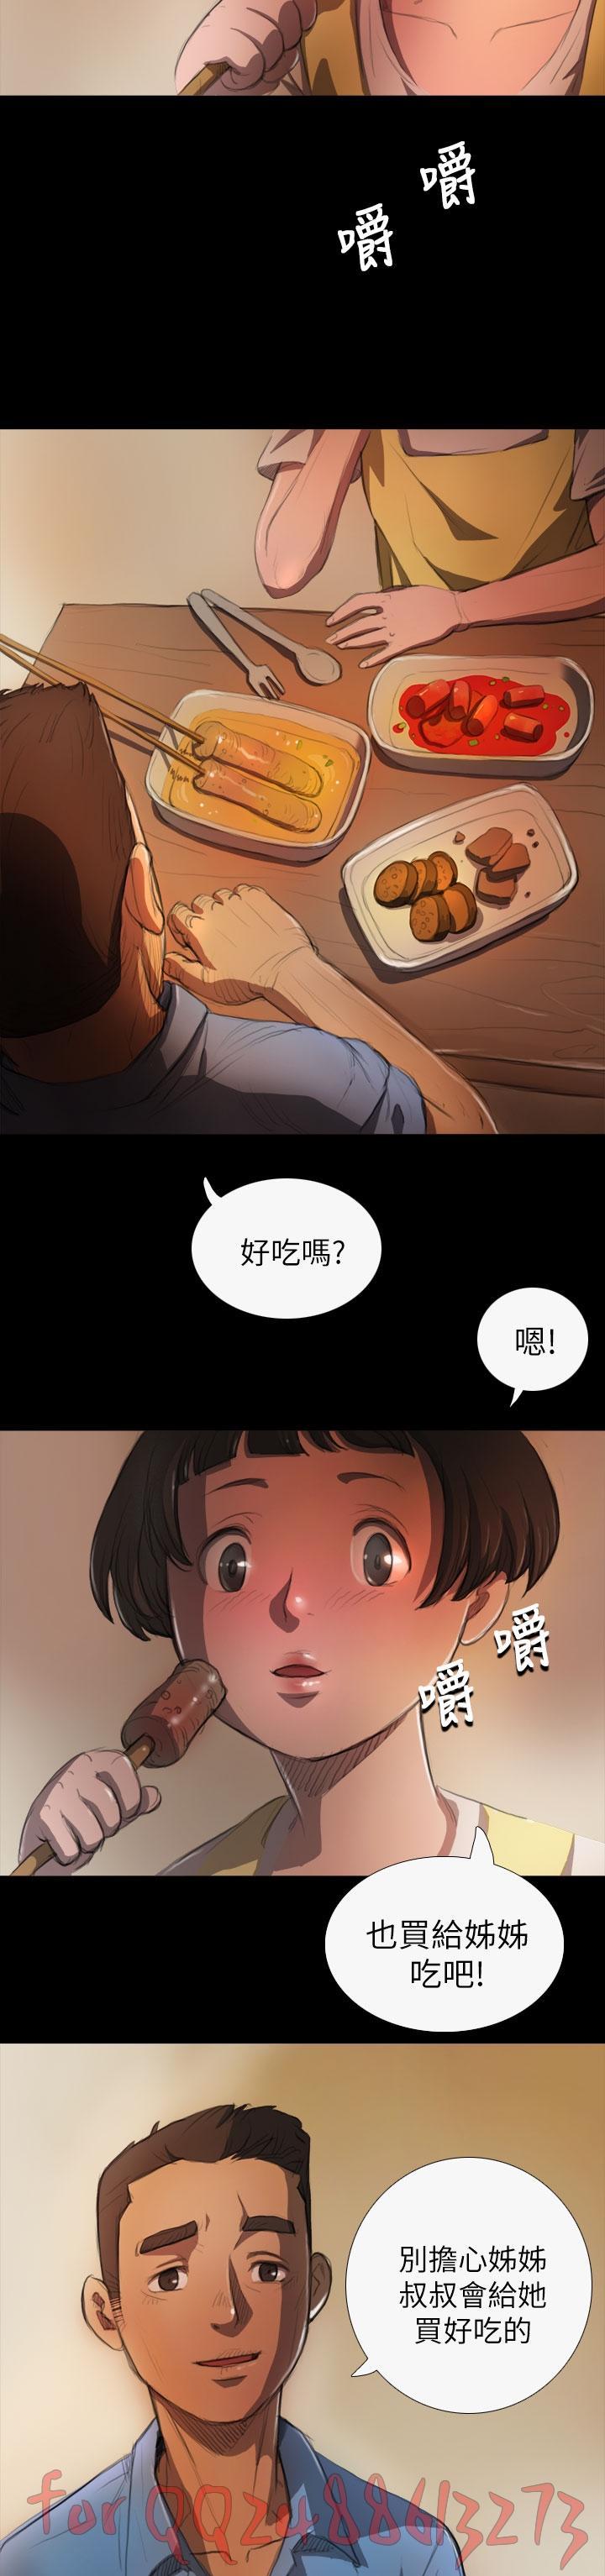 姊姊: 莲 第1~10話 [Chinese]中文 146